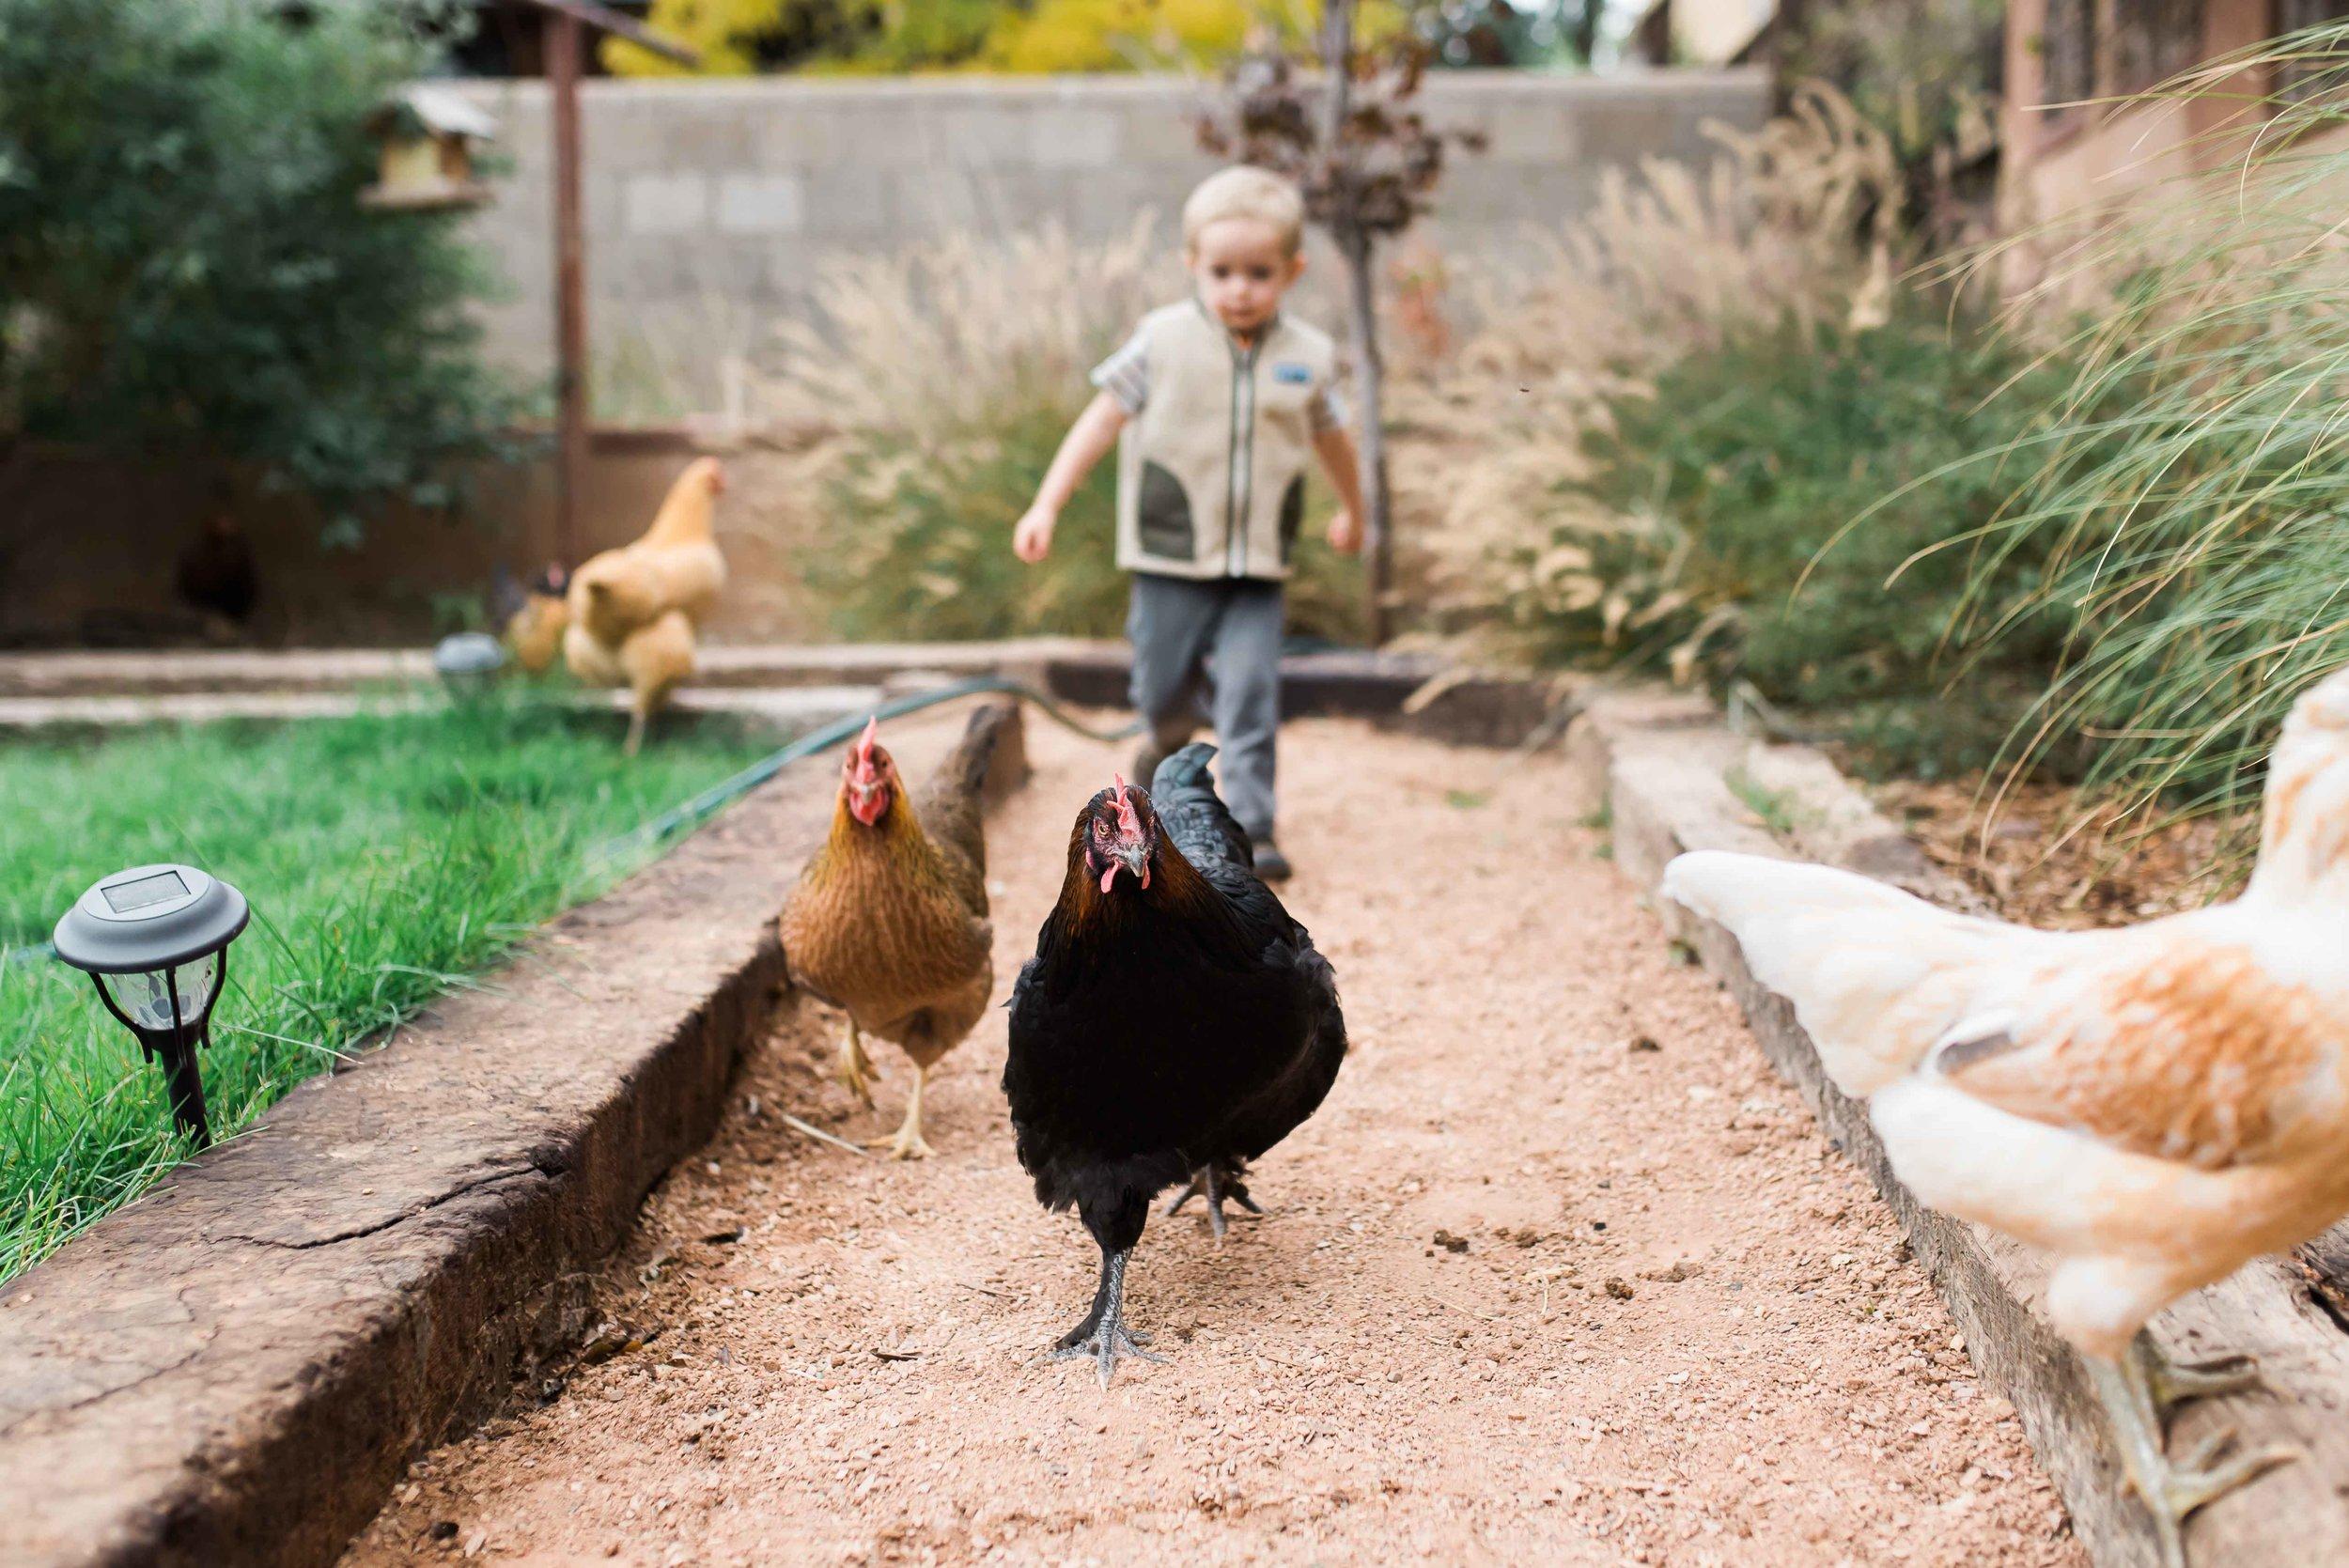 Albuquerque Newborn and Family Photographer SMA Photography Portfolio-27.jpg